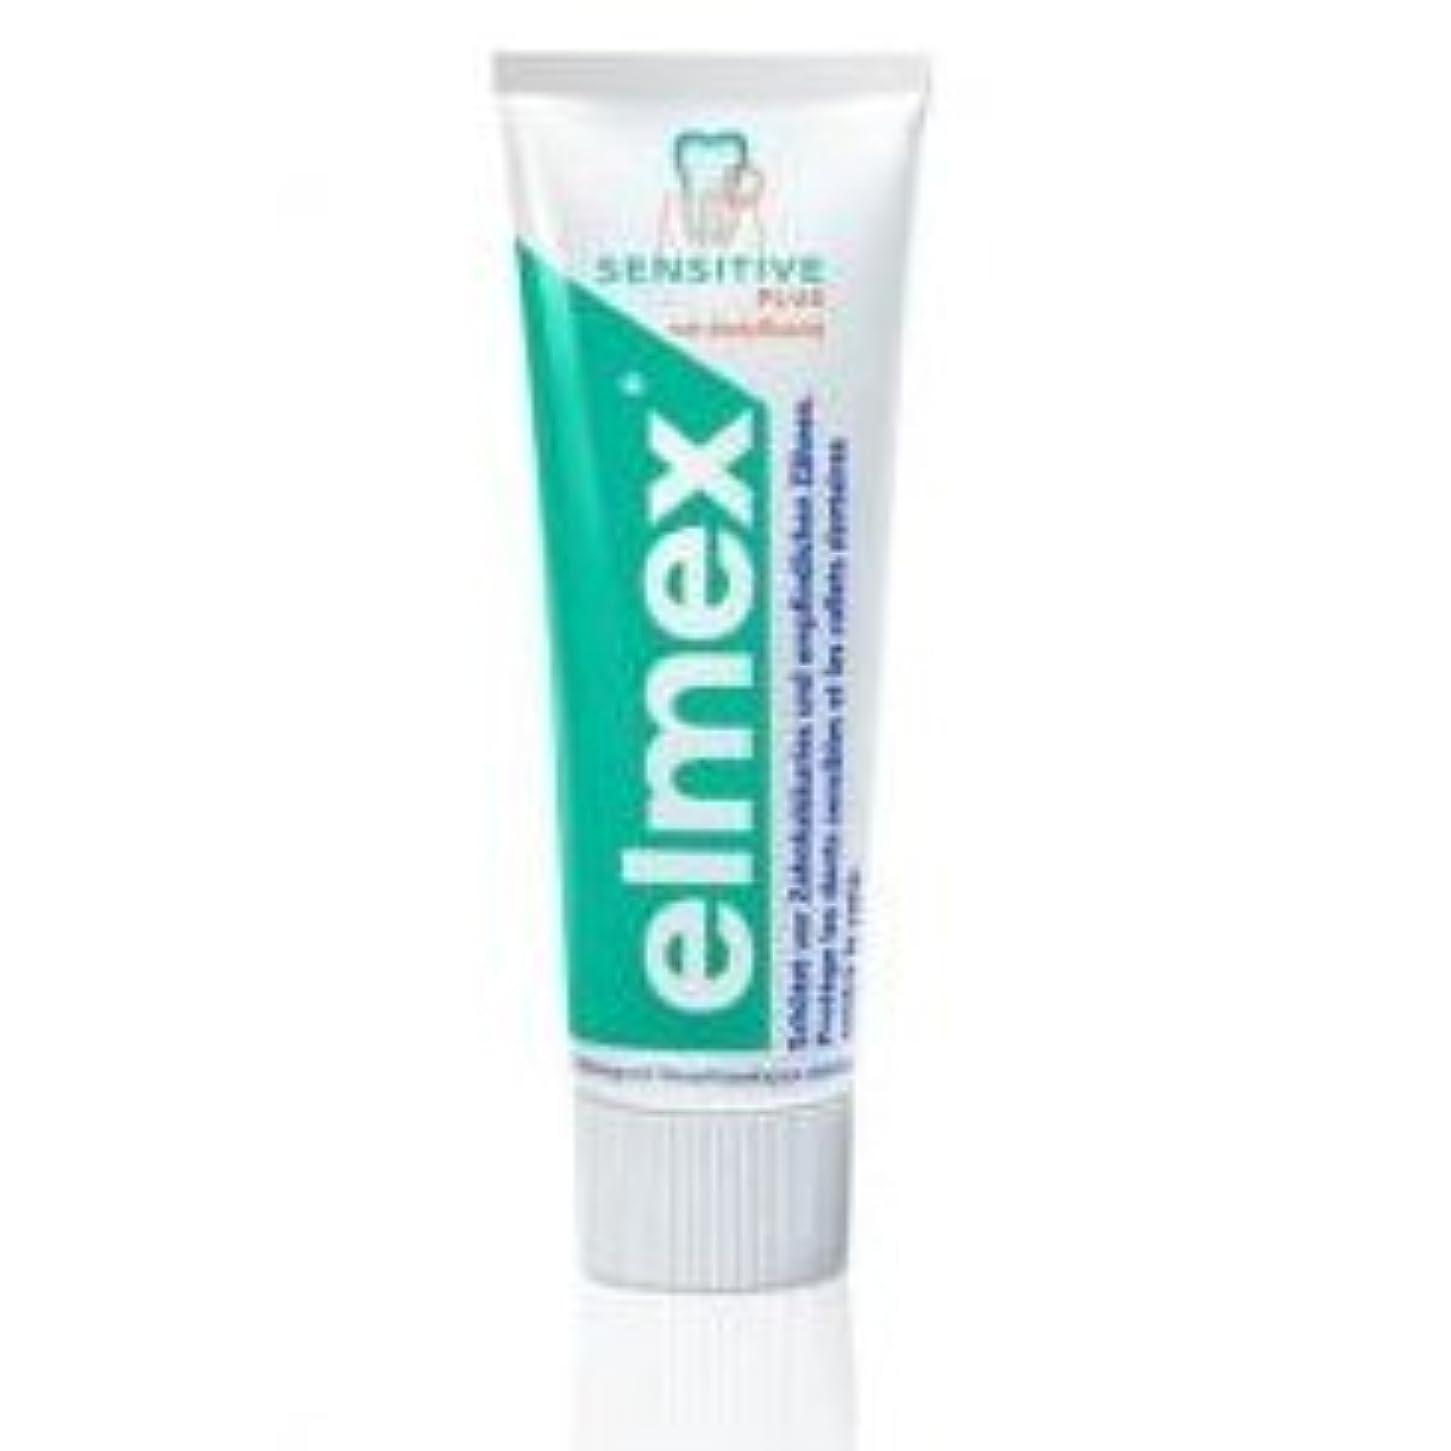 ヘルシーに負ける廃止エルメックス センシティブ 歯磨き粉 75ml (elmex sensitive toothpaste 75ml)【並行輸入品】